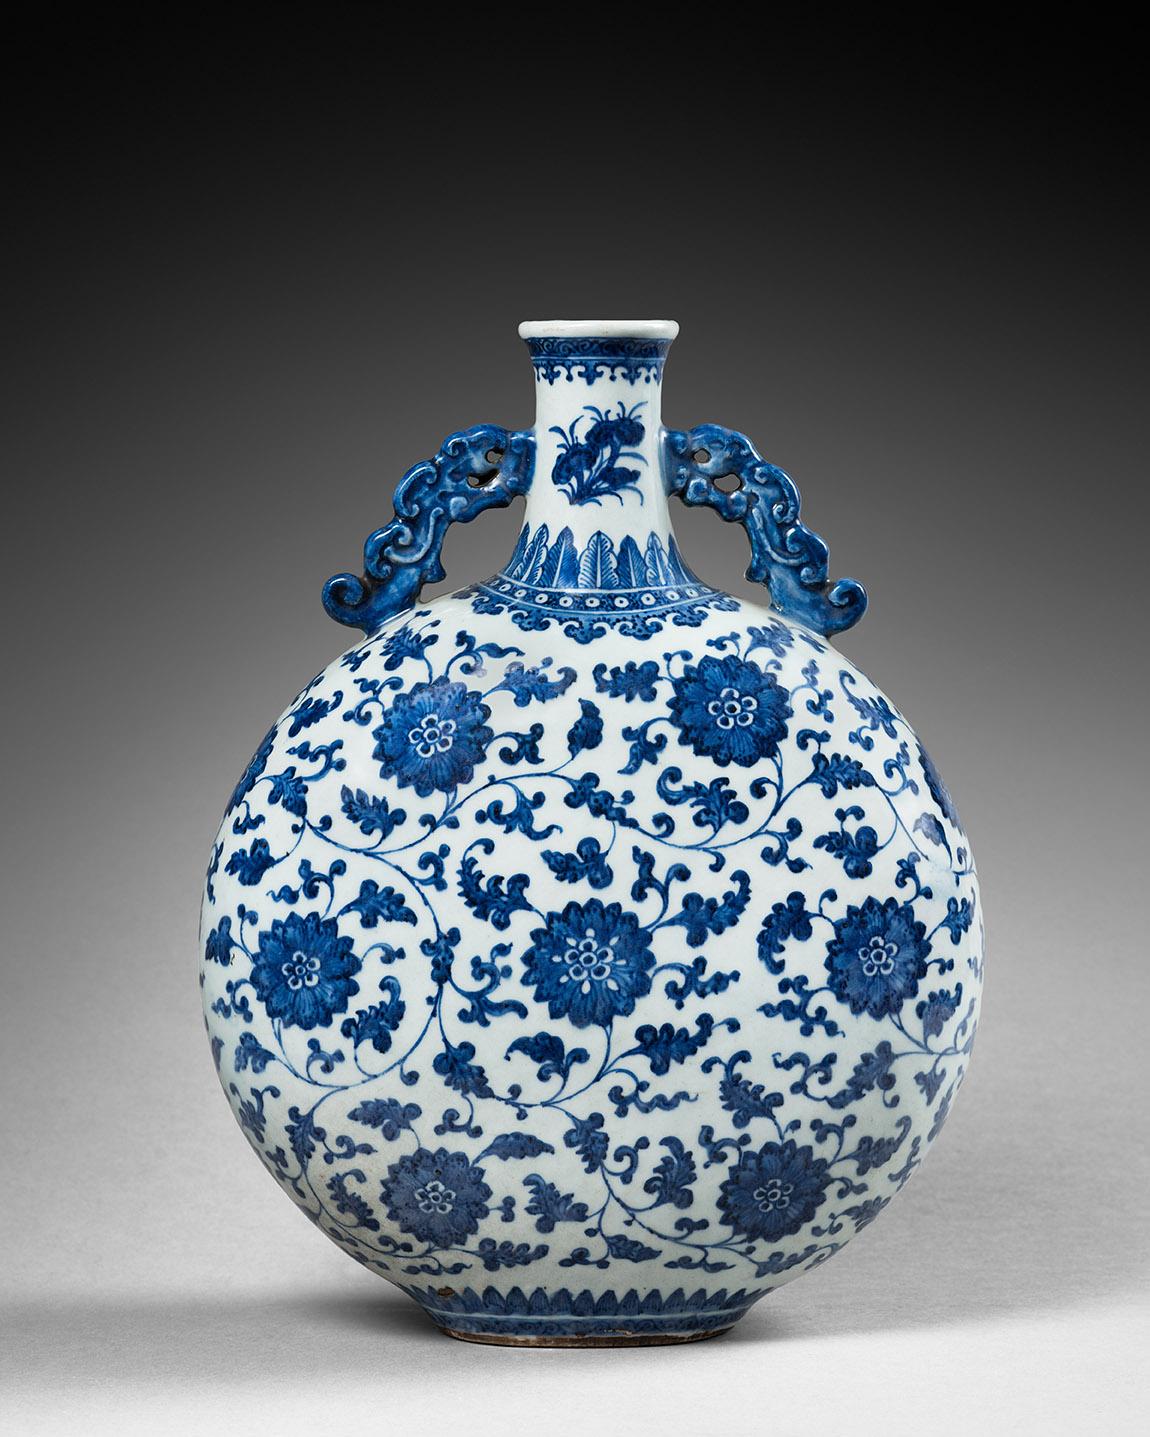 Chine, époque Qianlong (1736-1795).Gourde lunaire de type bianhu en porcelaine décorée en bleu sous couverte de fleurs de lotus stylisées